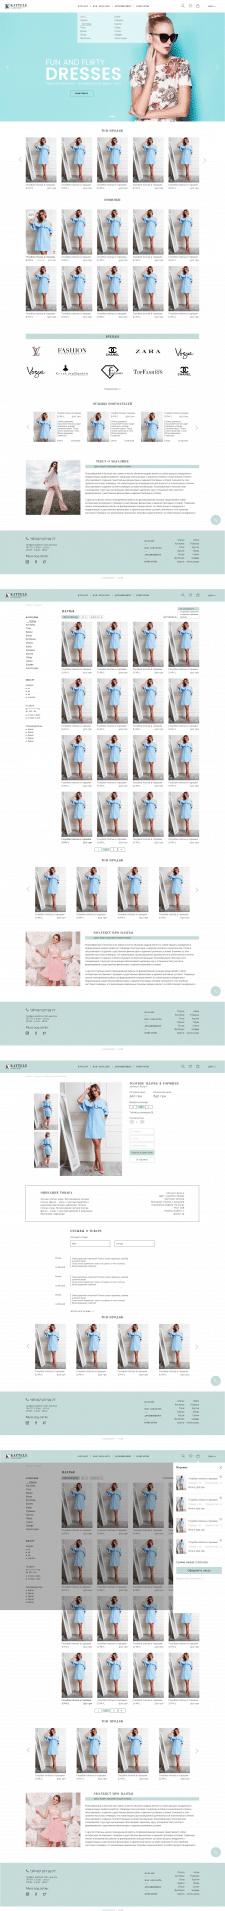 Дизайн интернет-магазины по продаже одежды